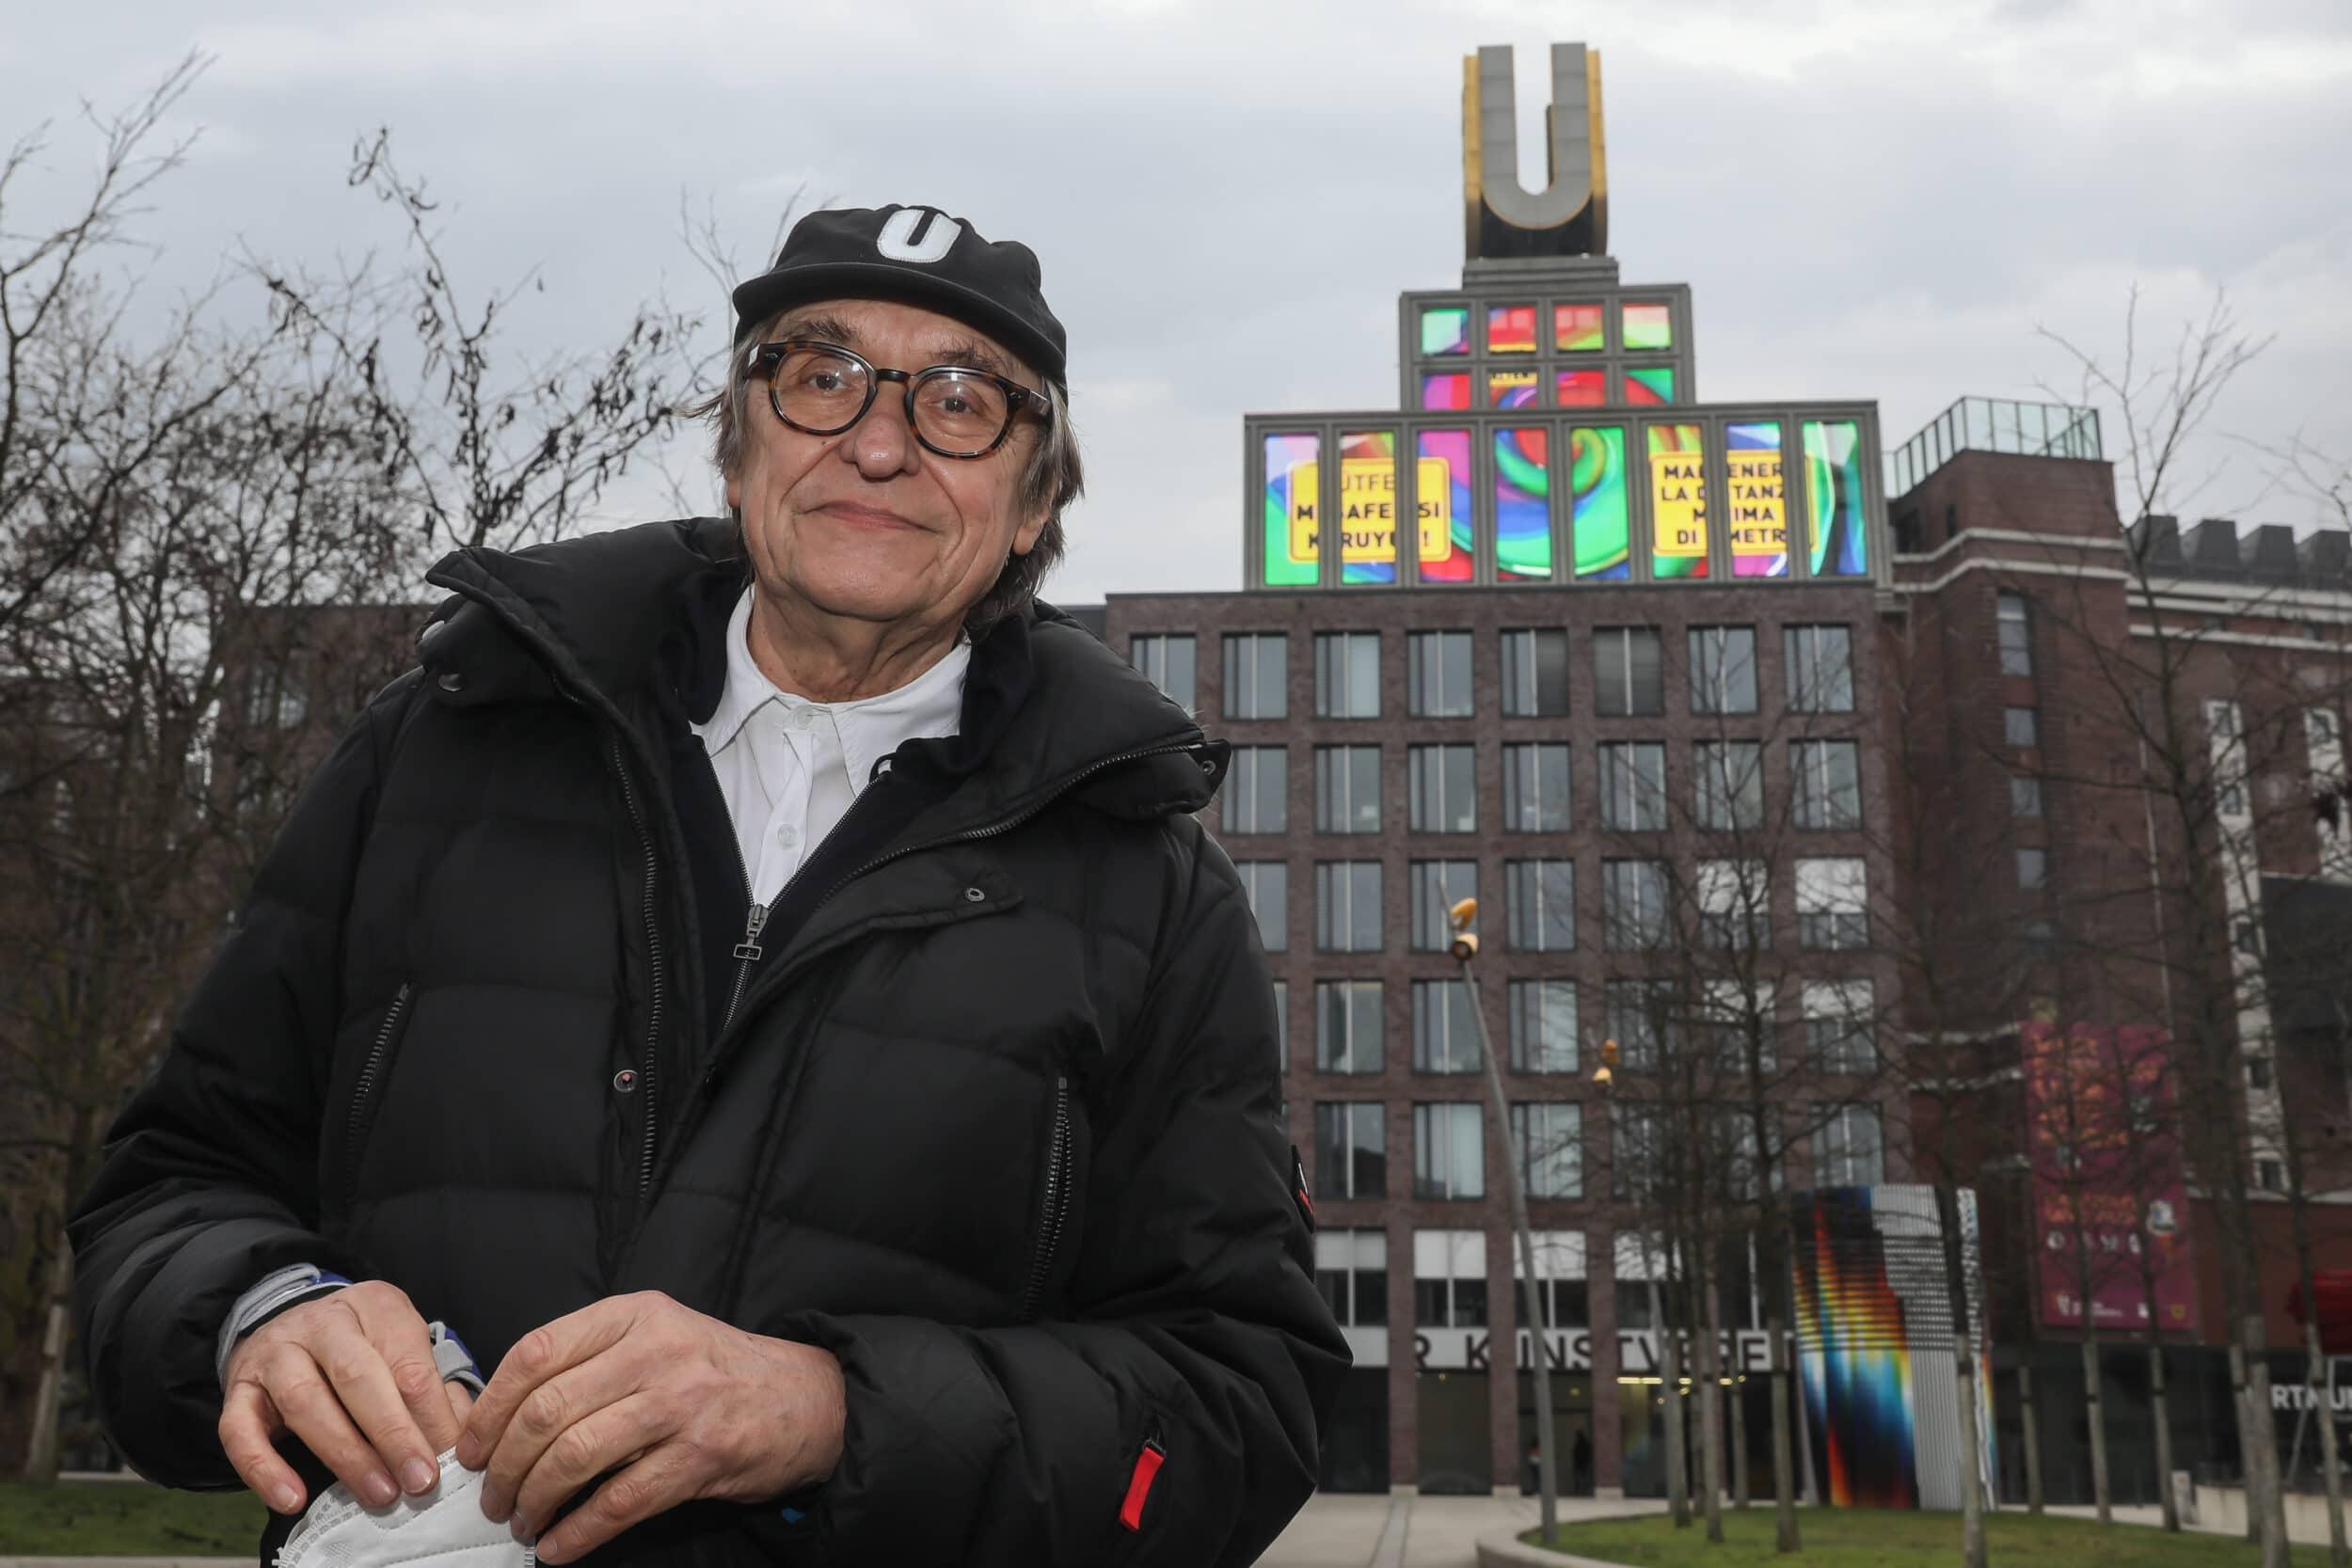 Adolf Winkelmann vor dem Dortmunder U. (Foto: Oliver Schaper/Wir in Dortmund)